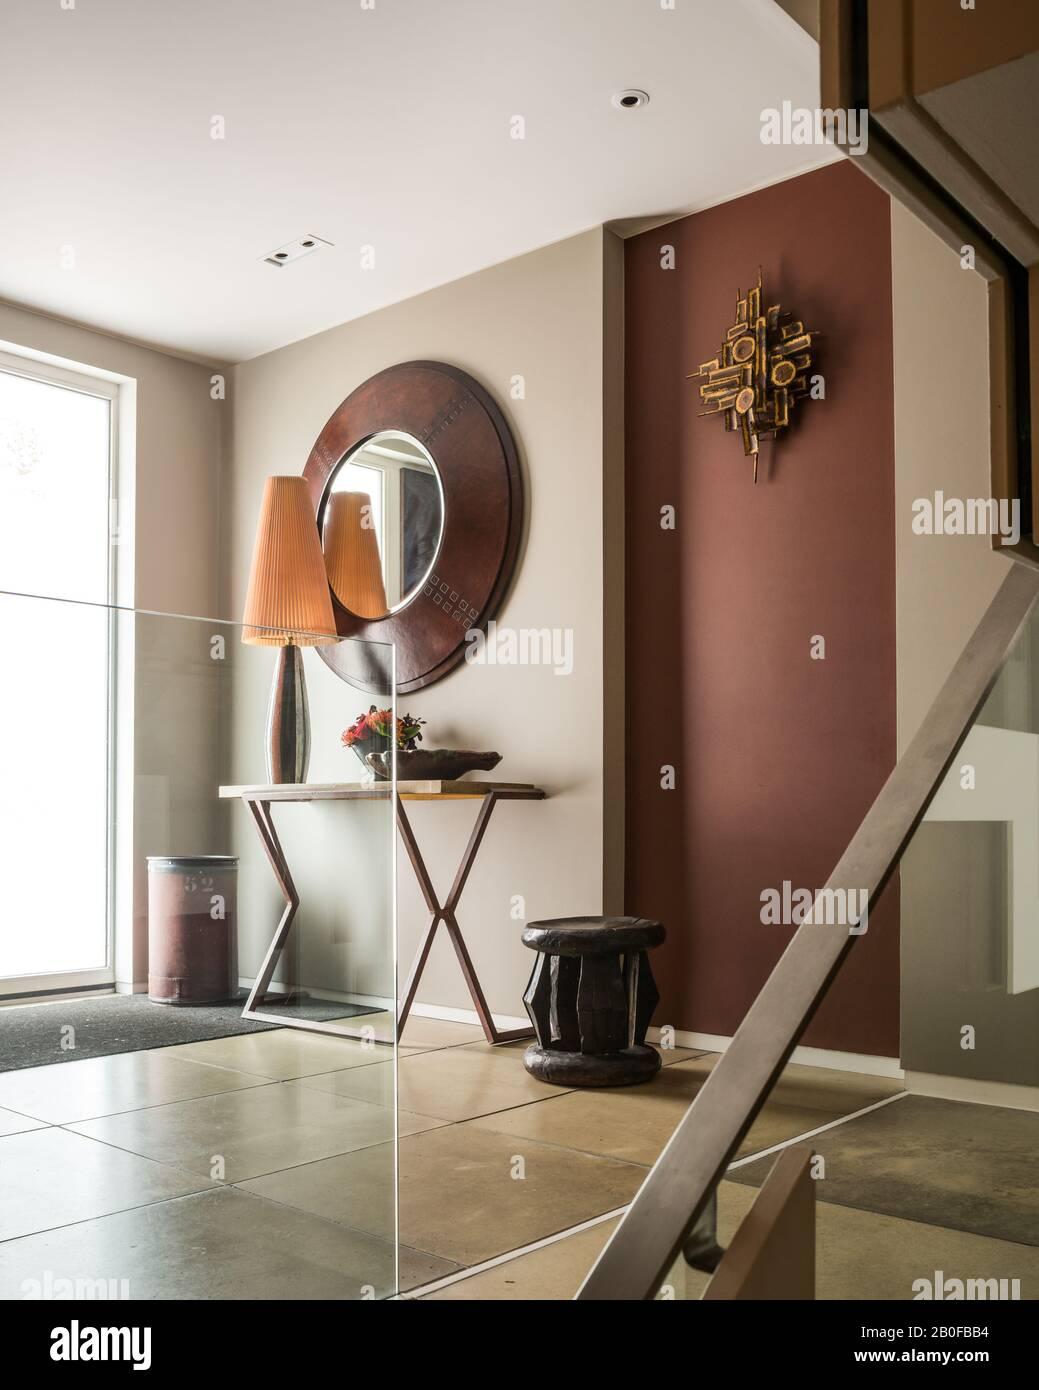 Großer Spiegel über dem Tisch im Flur der modernen Wset London Wohnung. Stockfoto